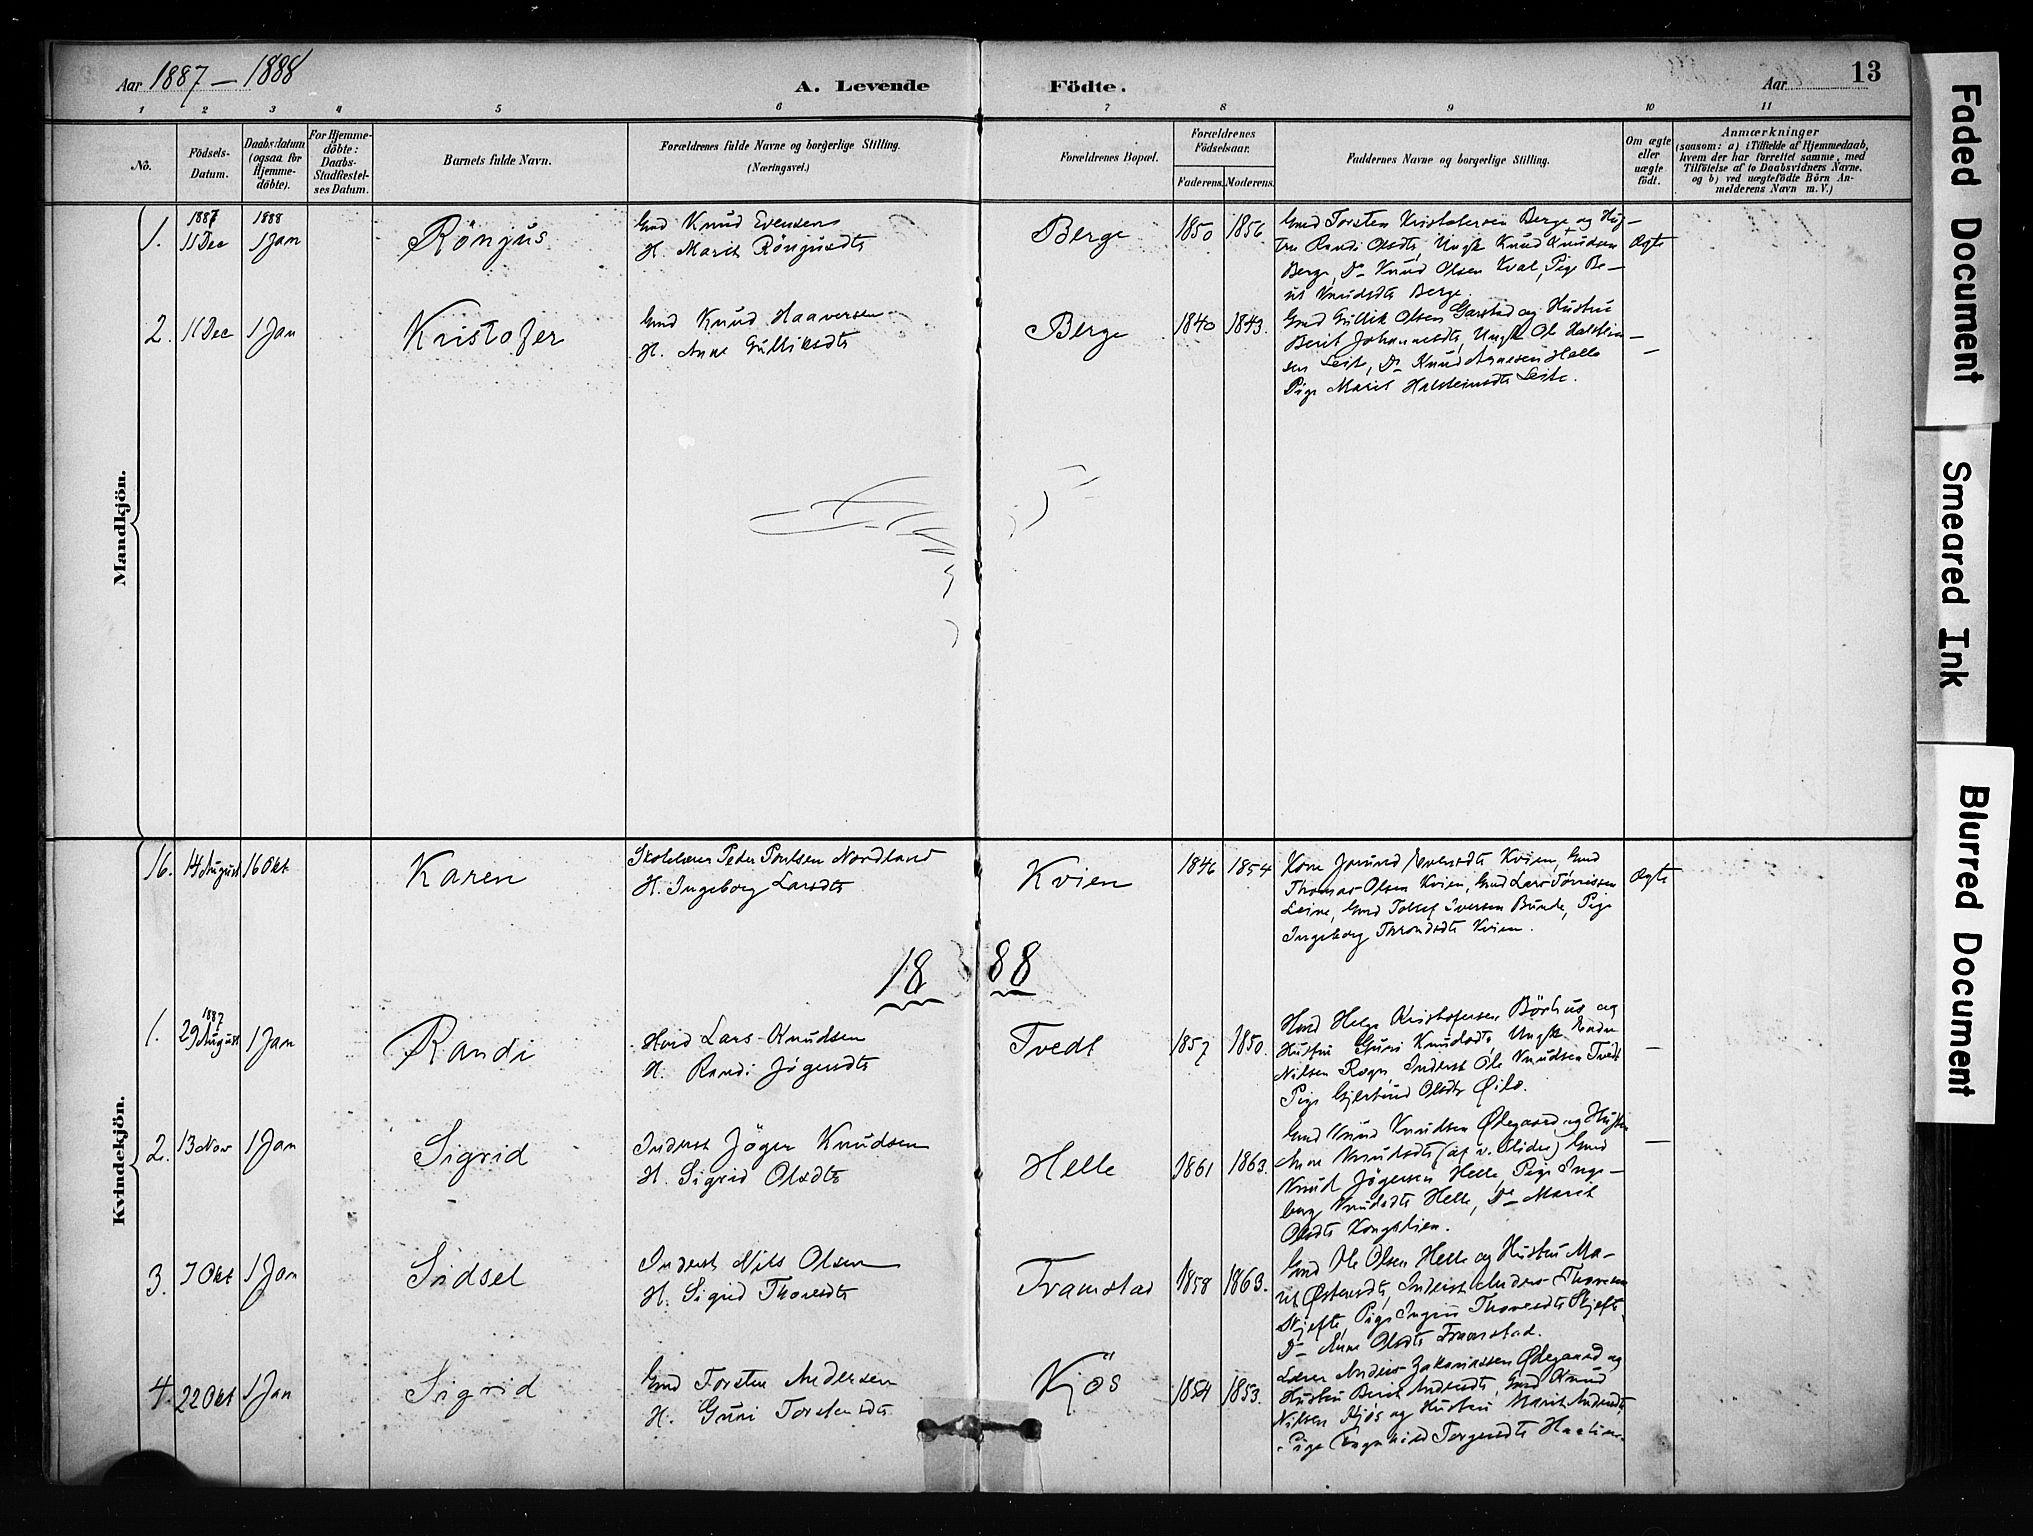 SAH, Vang prestekontor, Valdres, Ministerialbok nr. 9, 1882-1914, s. 13